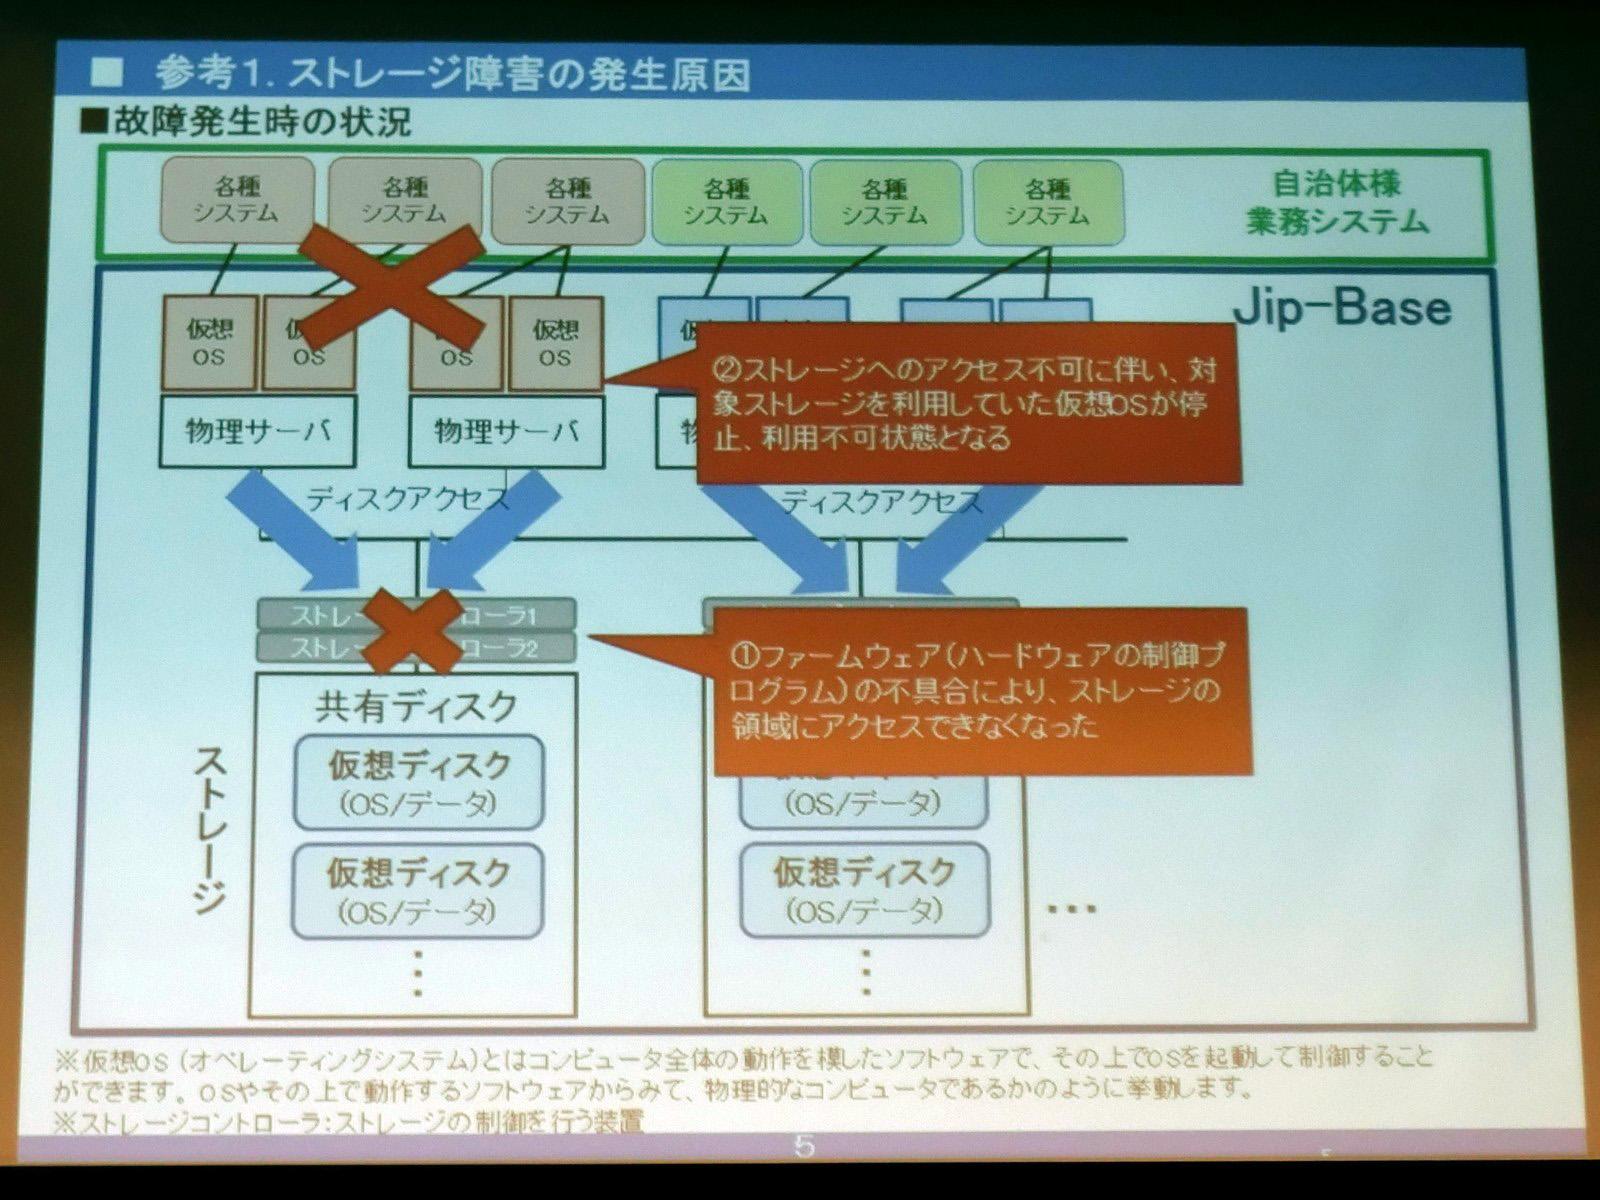 Jip-Baseの共通ストレージがファームウェアのトラブルにより、LUN(論理領域)がオフラインになった